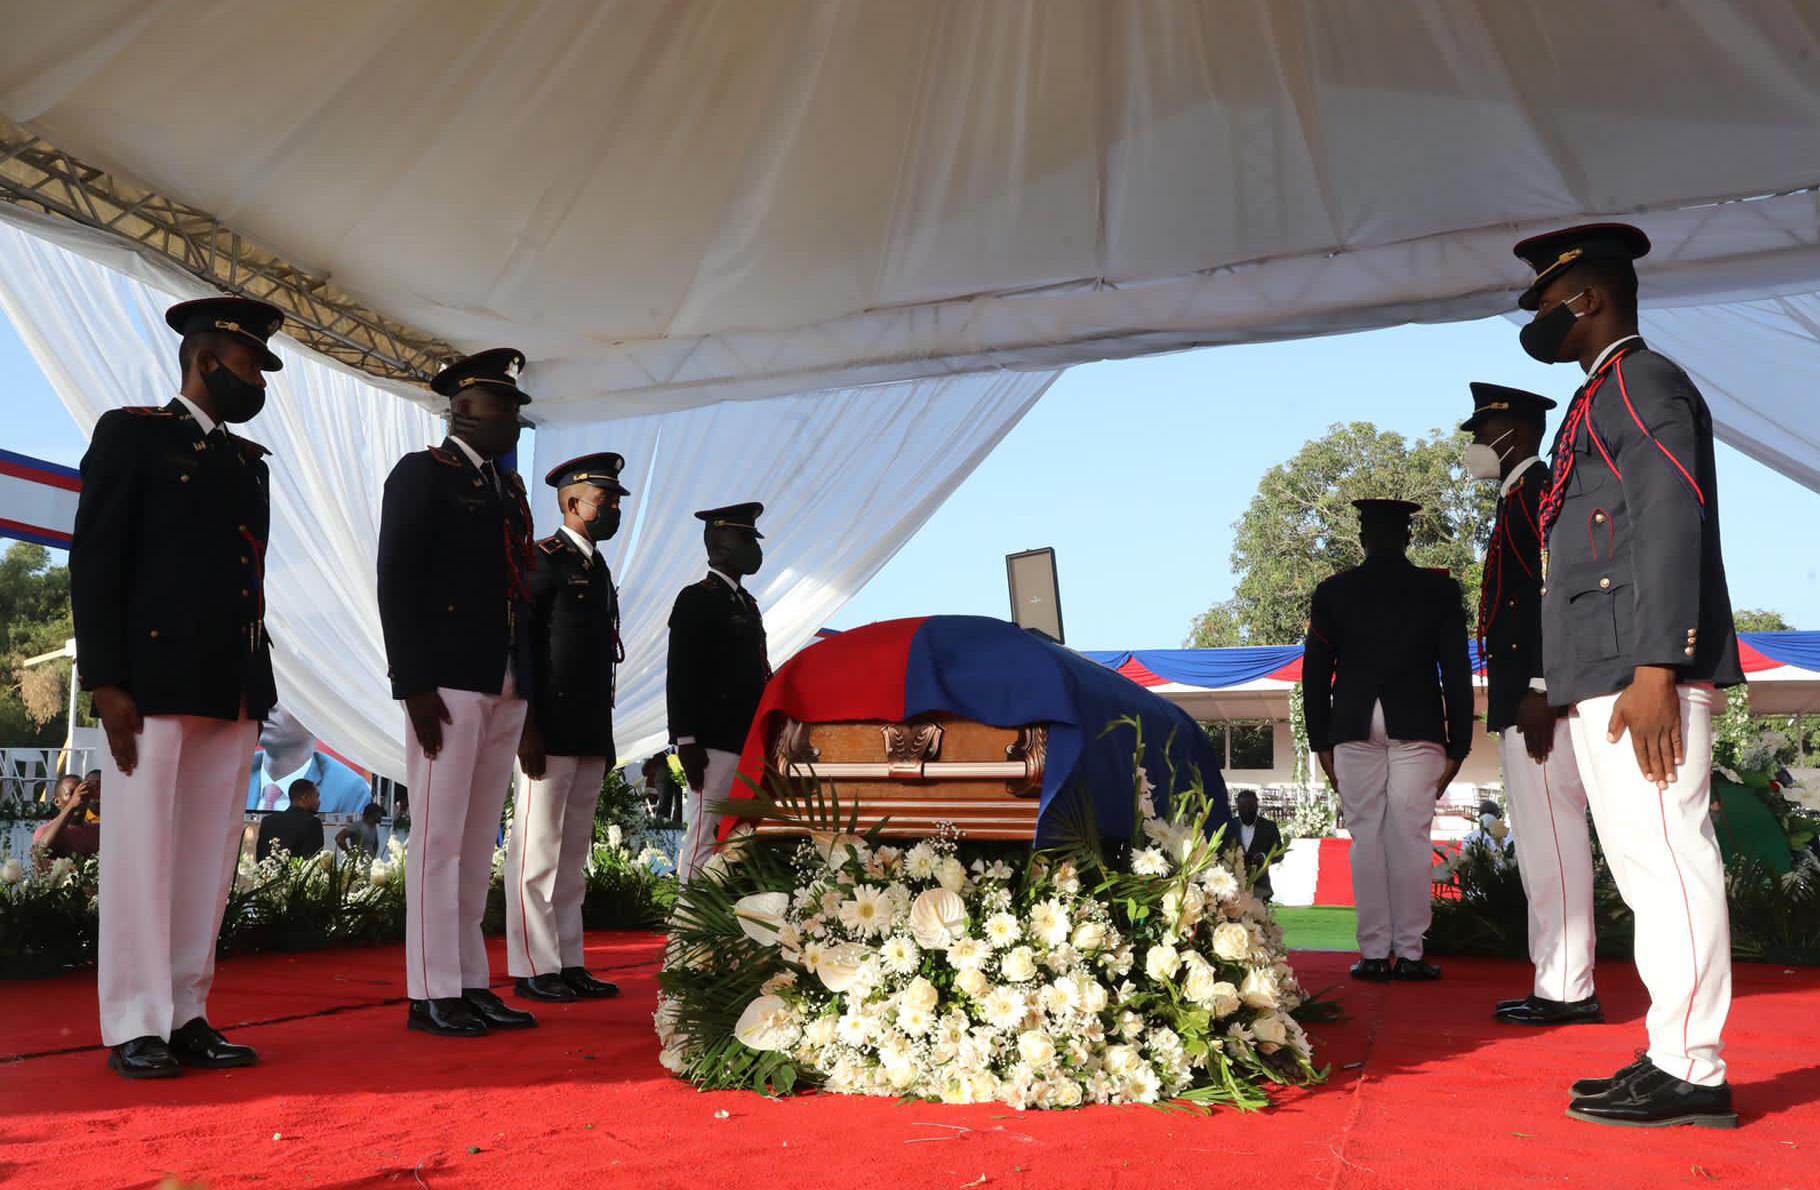 Los funerales nacionales del asesinado presidente de Haití, Jovenel Moise, comenzaron en Cabo Haitiano, con una ceremonia bajo fuertes medidas de seguridad